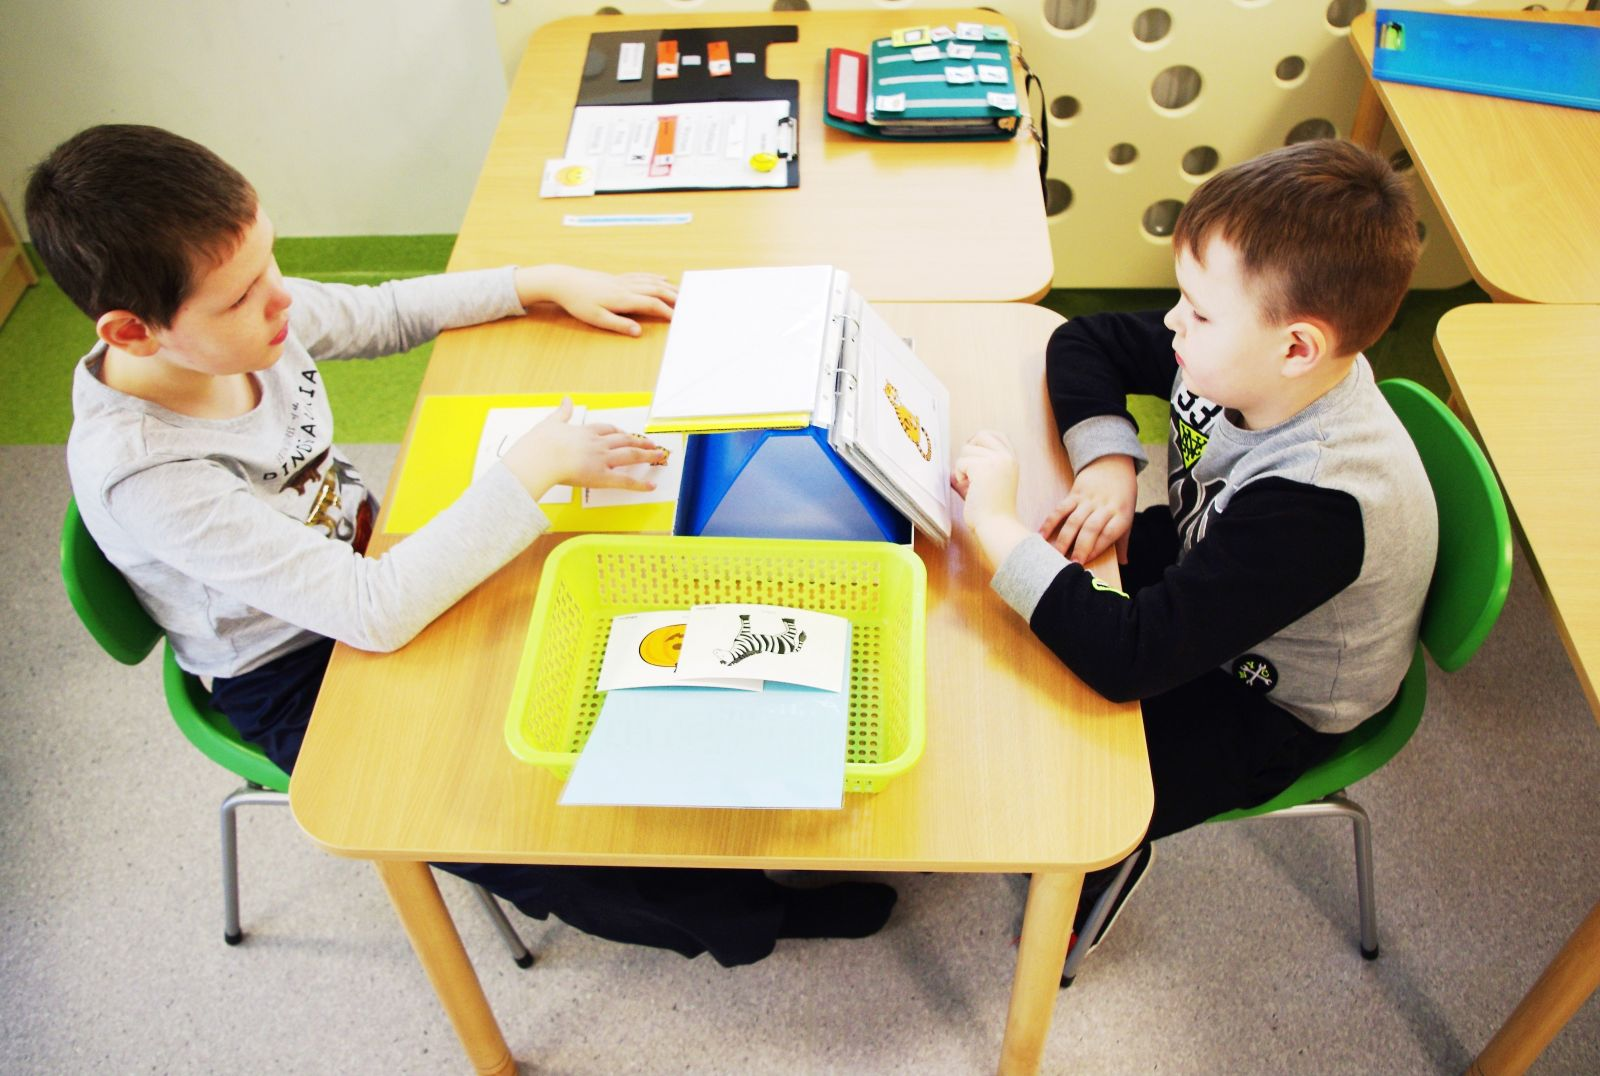 dwoje dzieci siedzi na przeciwko siebie przy stoliku i uczą się języka obrazkowego, czyli alternatywnych metod komunikacji